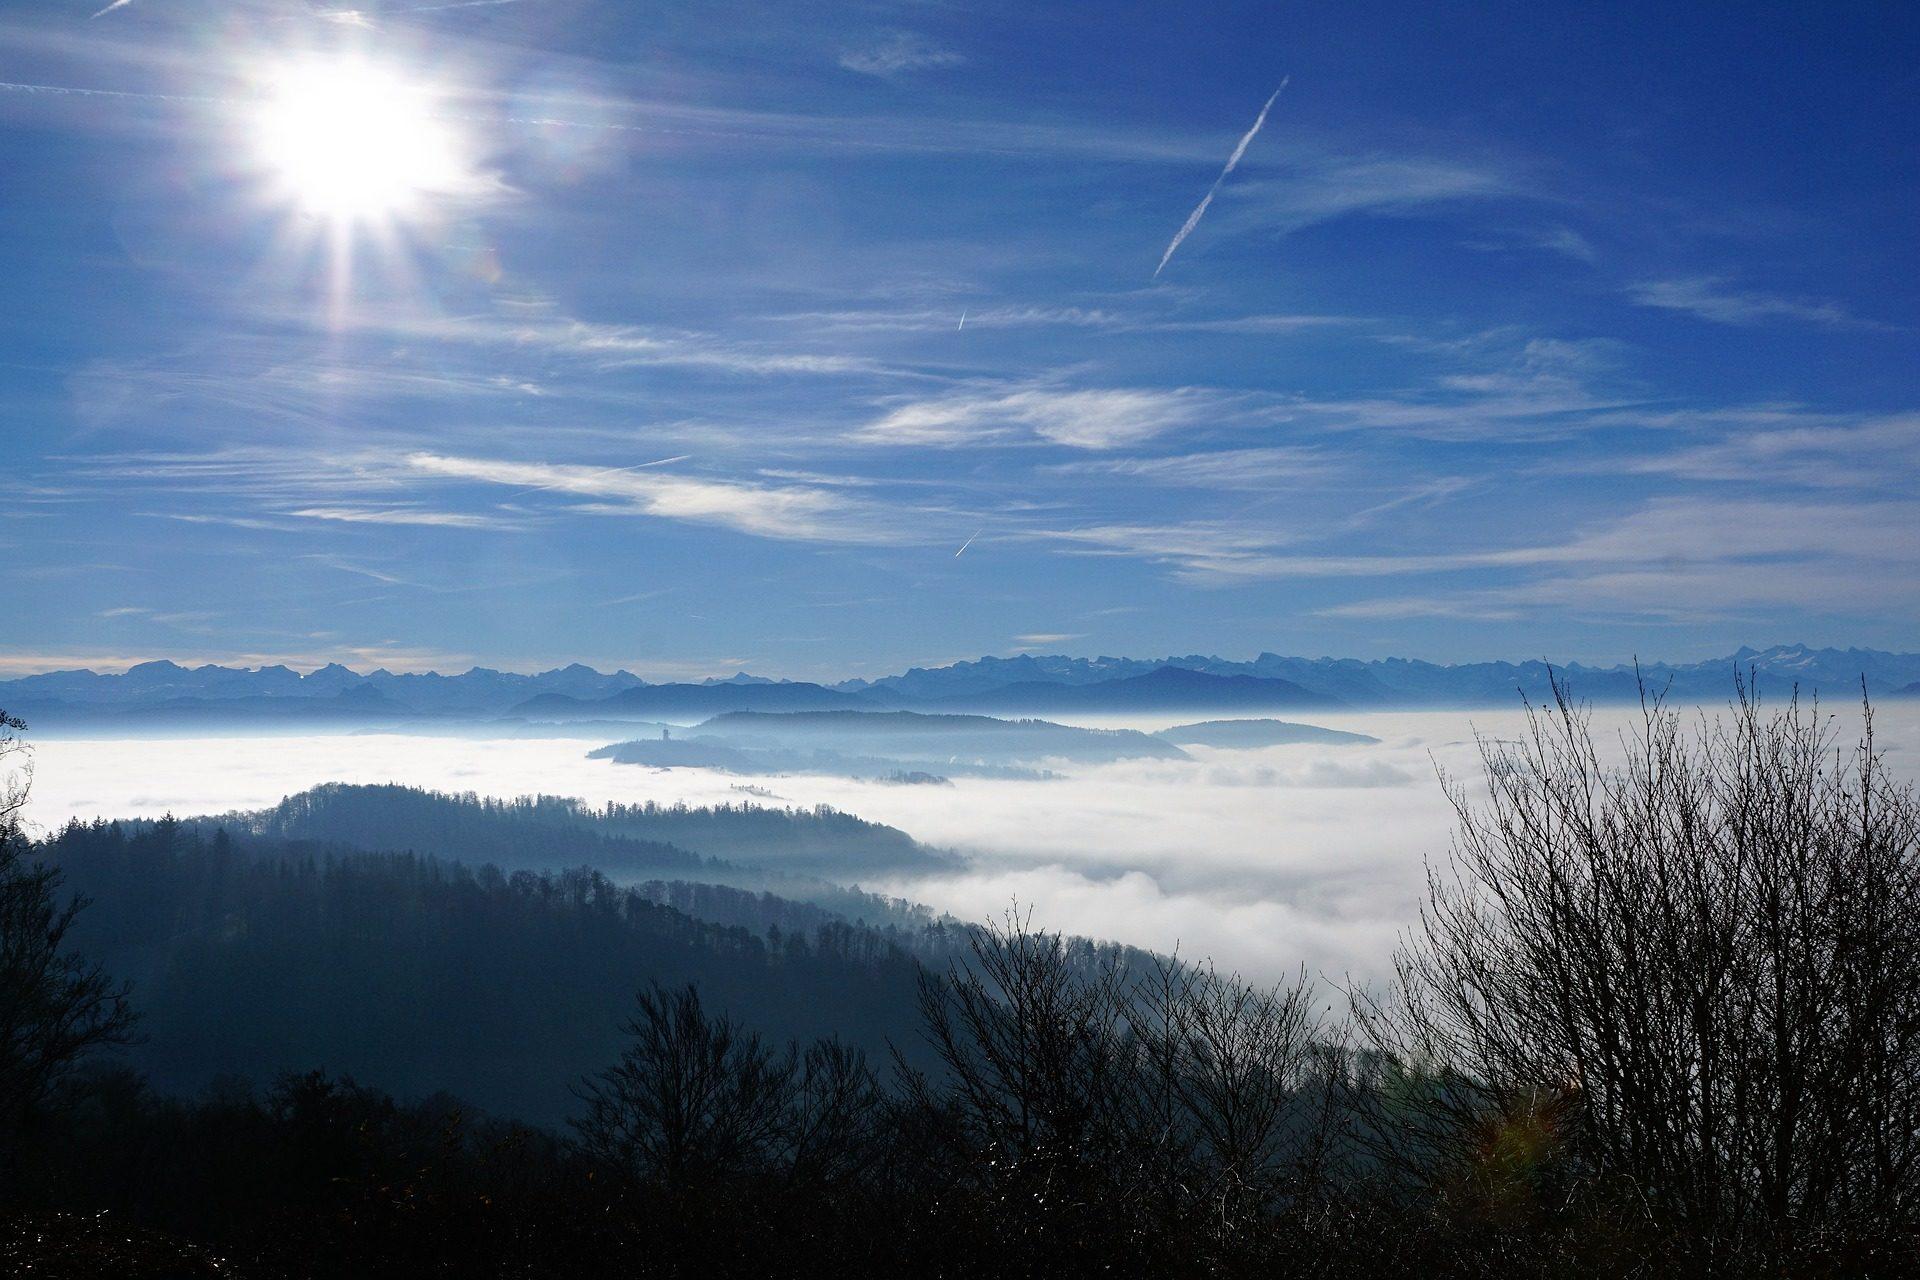 الجبال, السحب., السماء, الأشجار, Uetliberg, زيورخ - خلفيات عالية الدقة - أستاذ falken.com